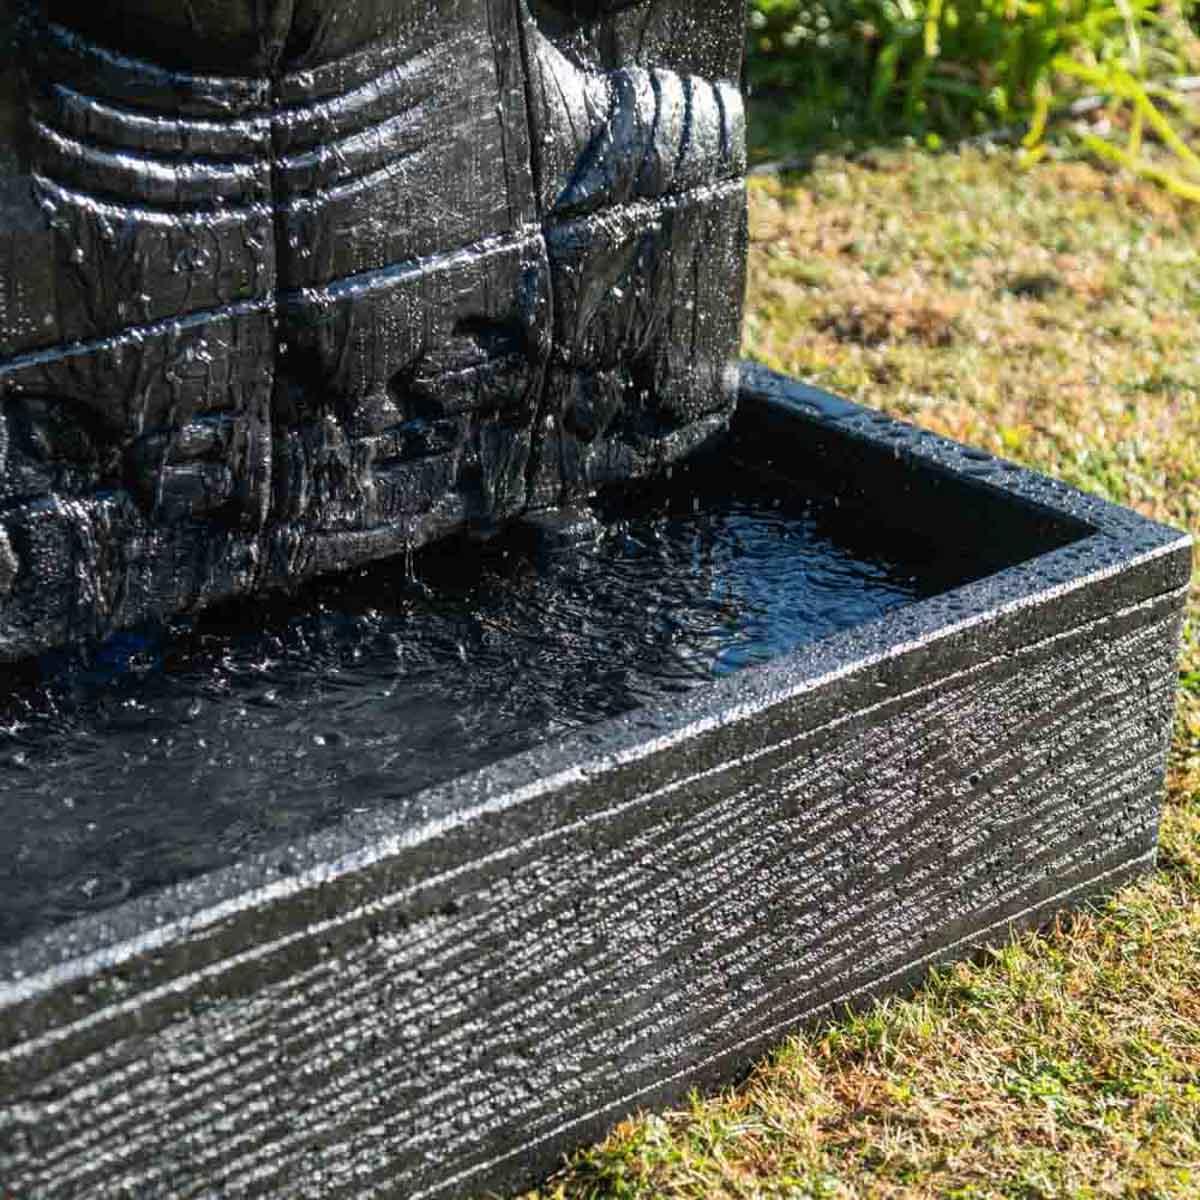 mur d 39 eau avec bassin visage de bouddha noir h 1 m 50. Black Bedroom Furniture Sets. Home Design Ideas